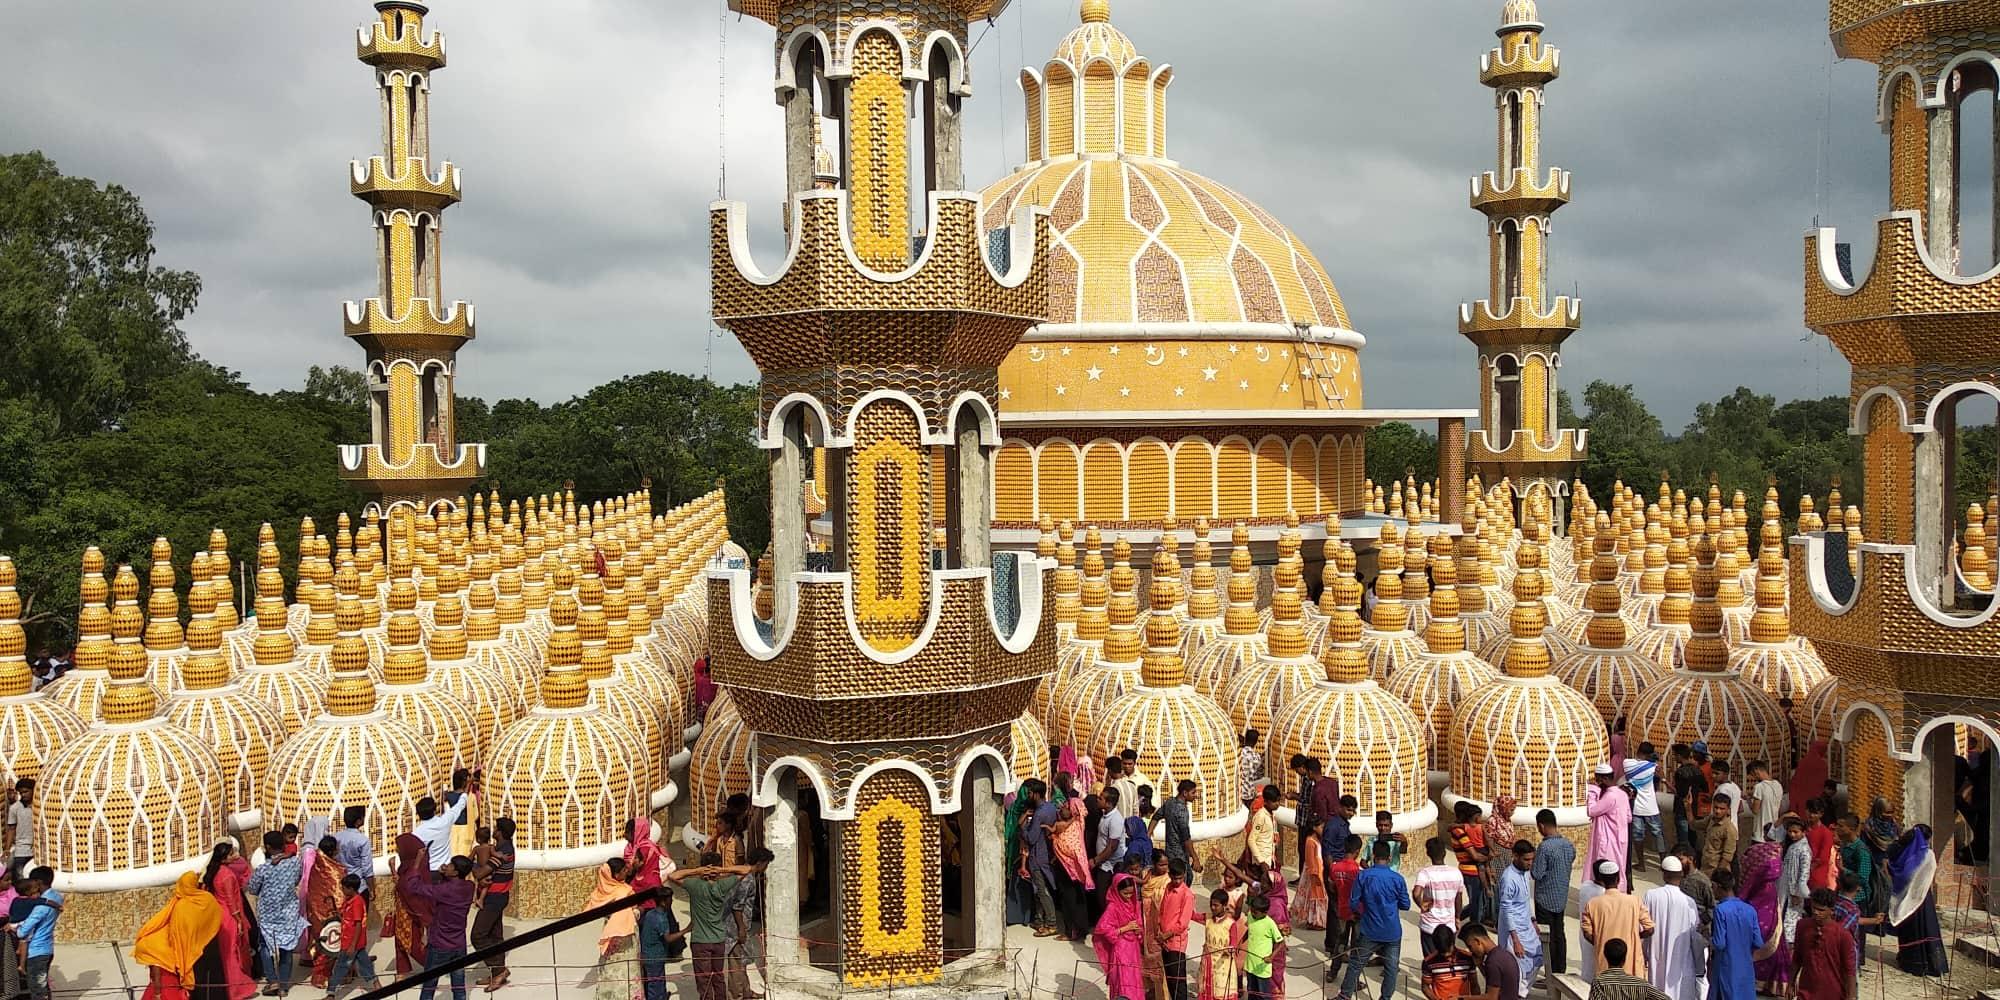 করোনা আতঙ্ক; ২০১ গম্বুজ মসজিদে জুমার নামাজ স্থগিত